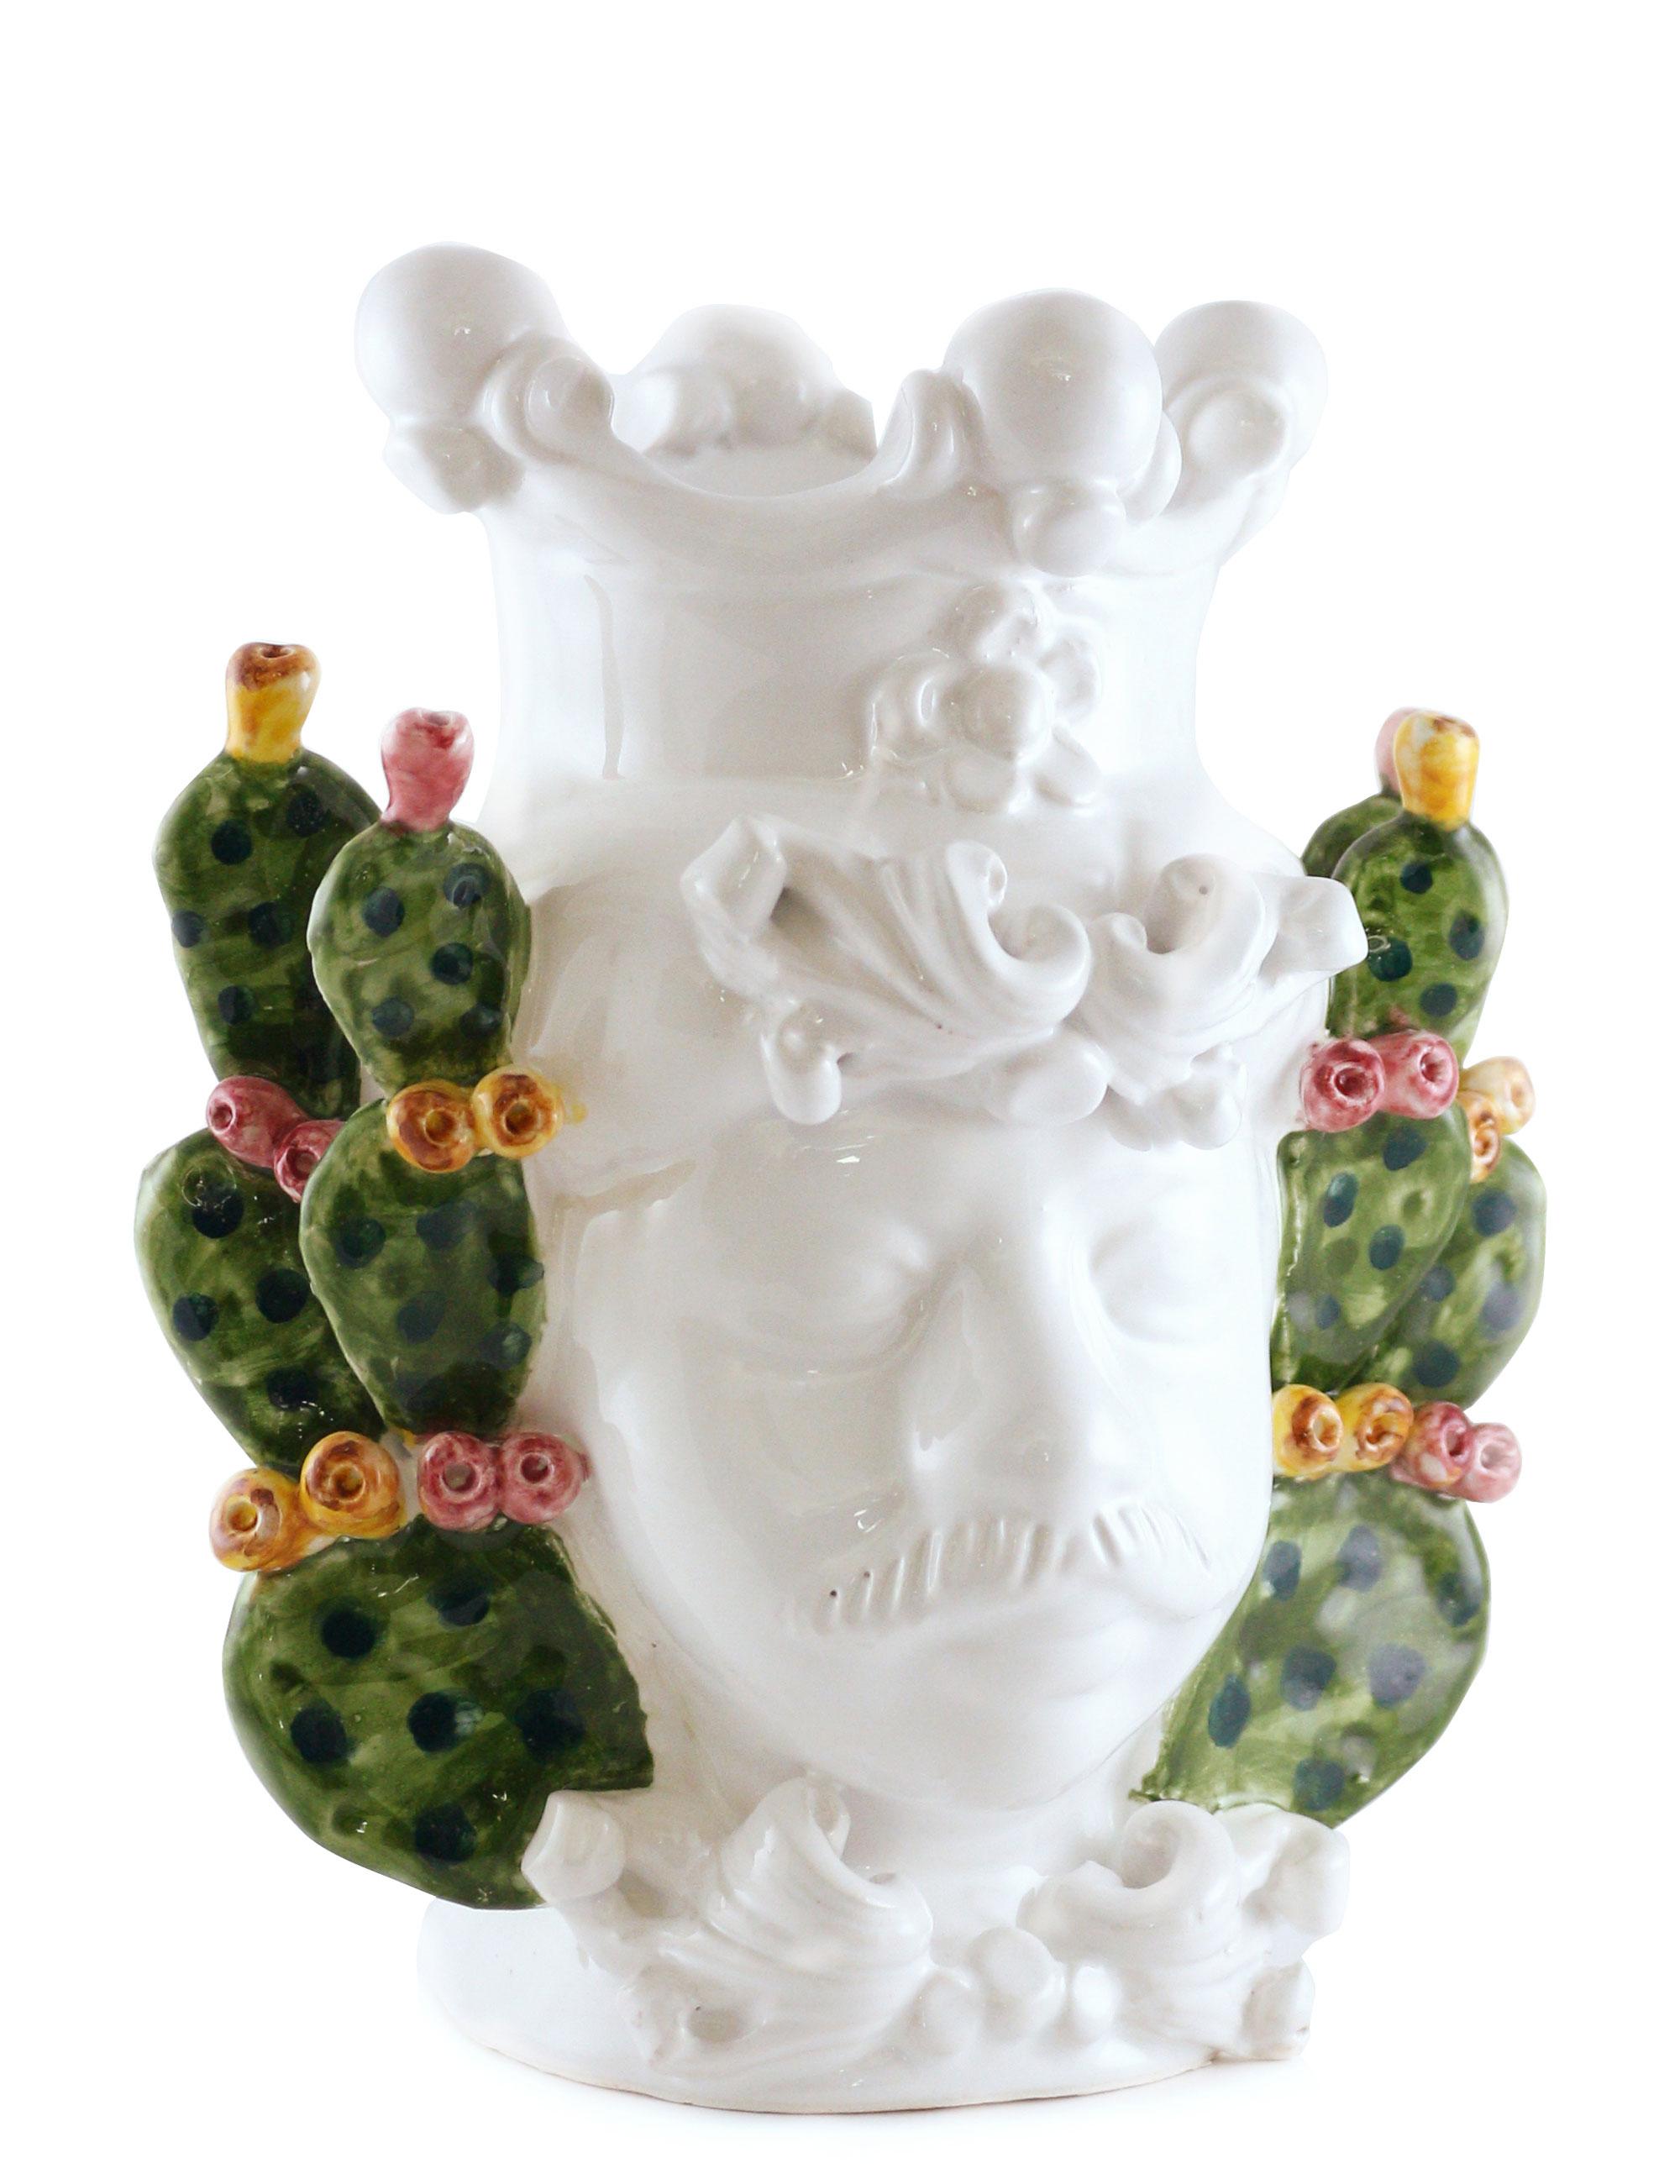 testa di moro Gaspare dimensione piccola in ceramica di Caltagirone con decorazione fichi d'india vista laterale